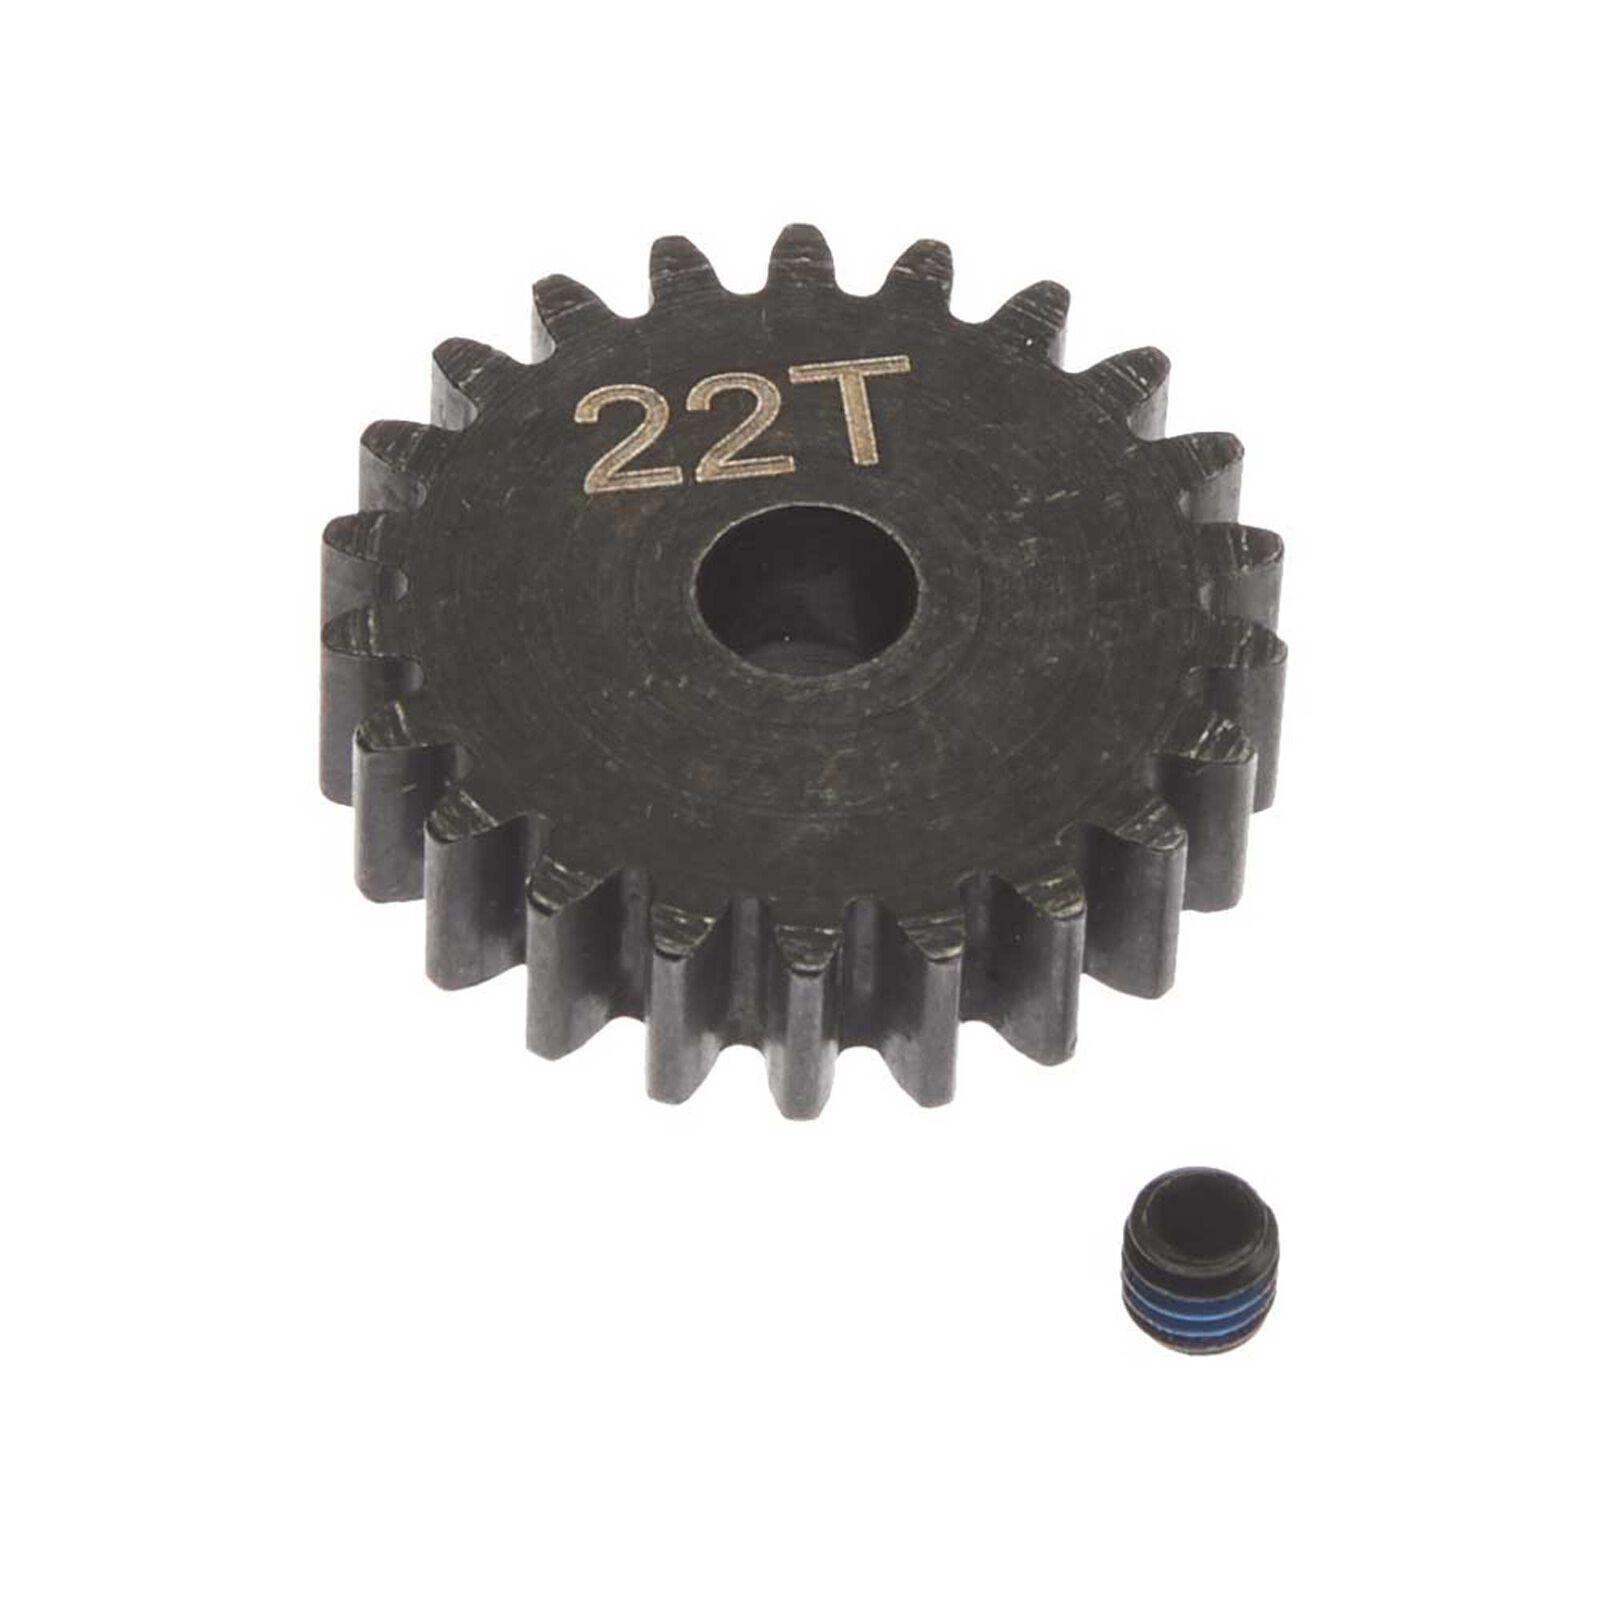 Steel Pinion Gear 22T Mod1 5mm